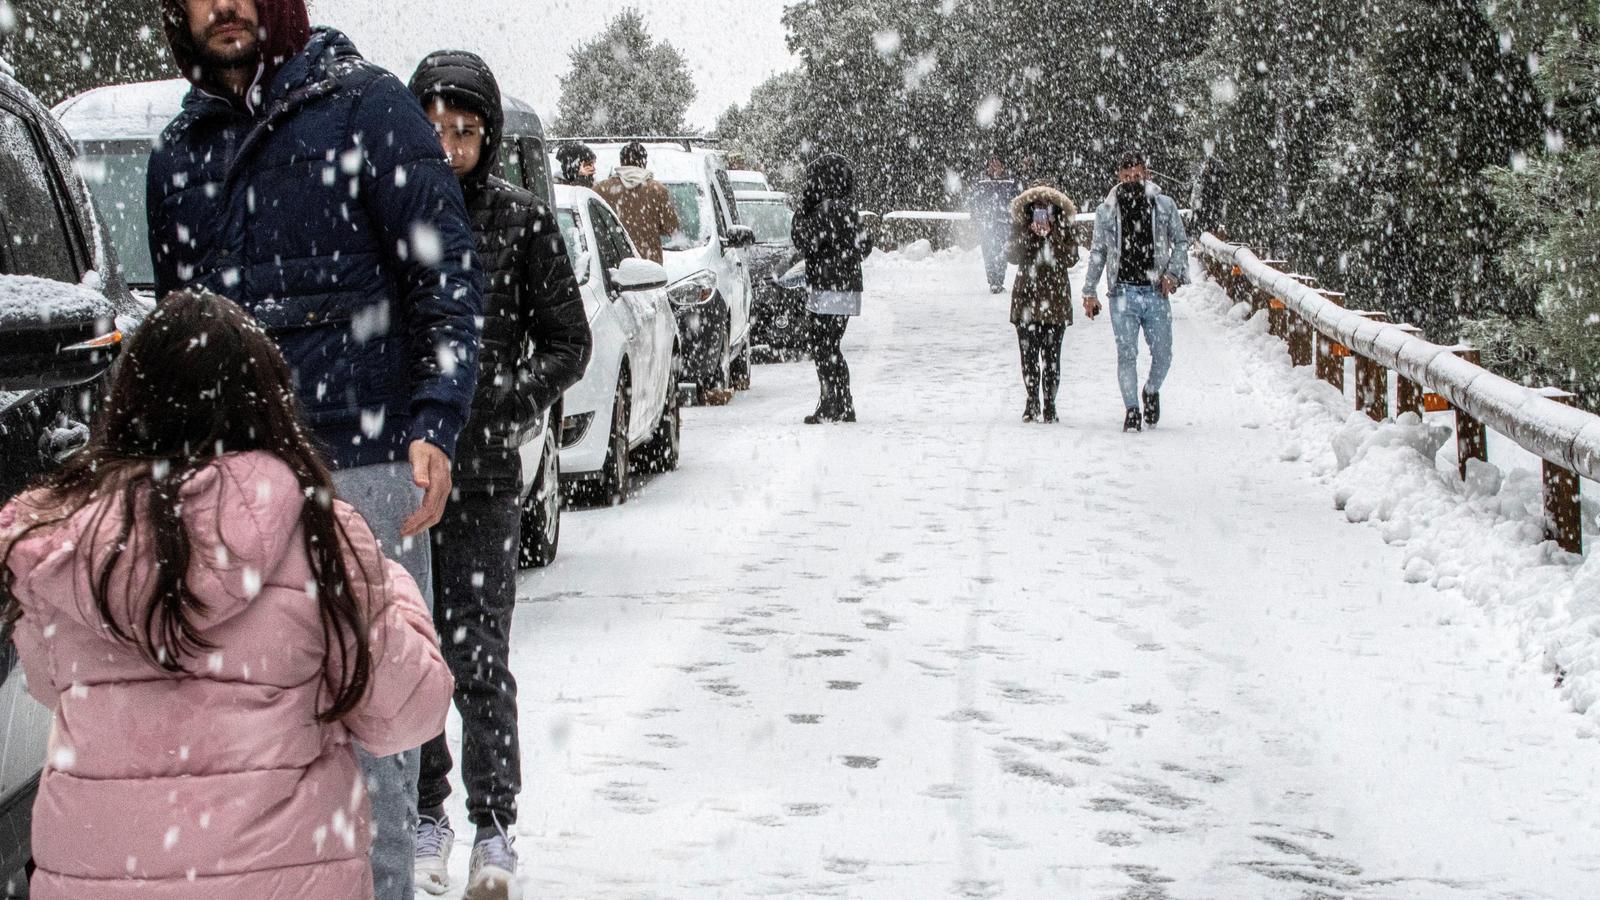 La neu obliga a tallar la carretera de la Serra de Tramuntana